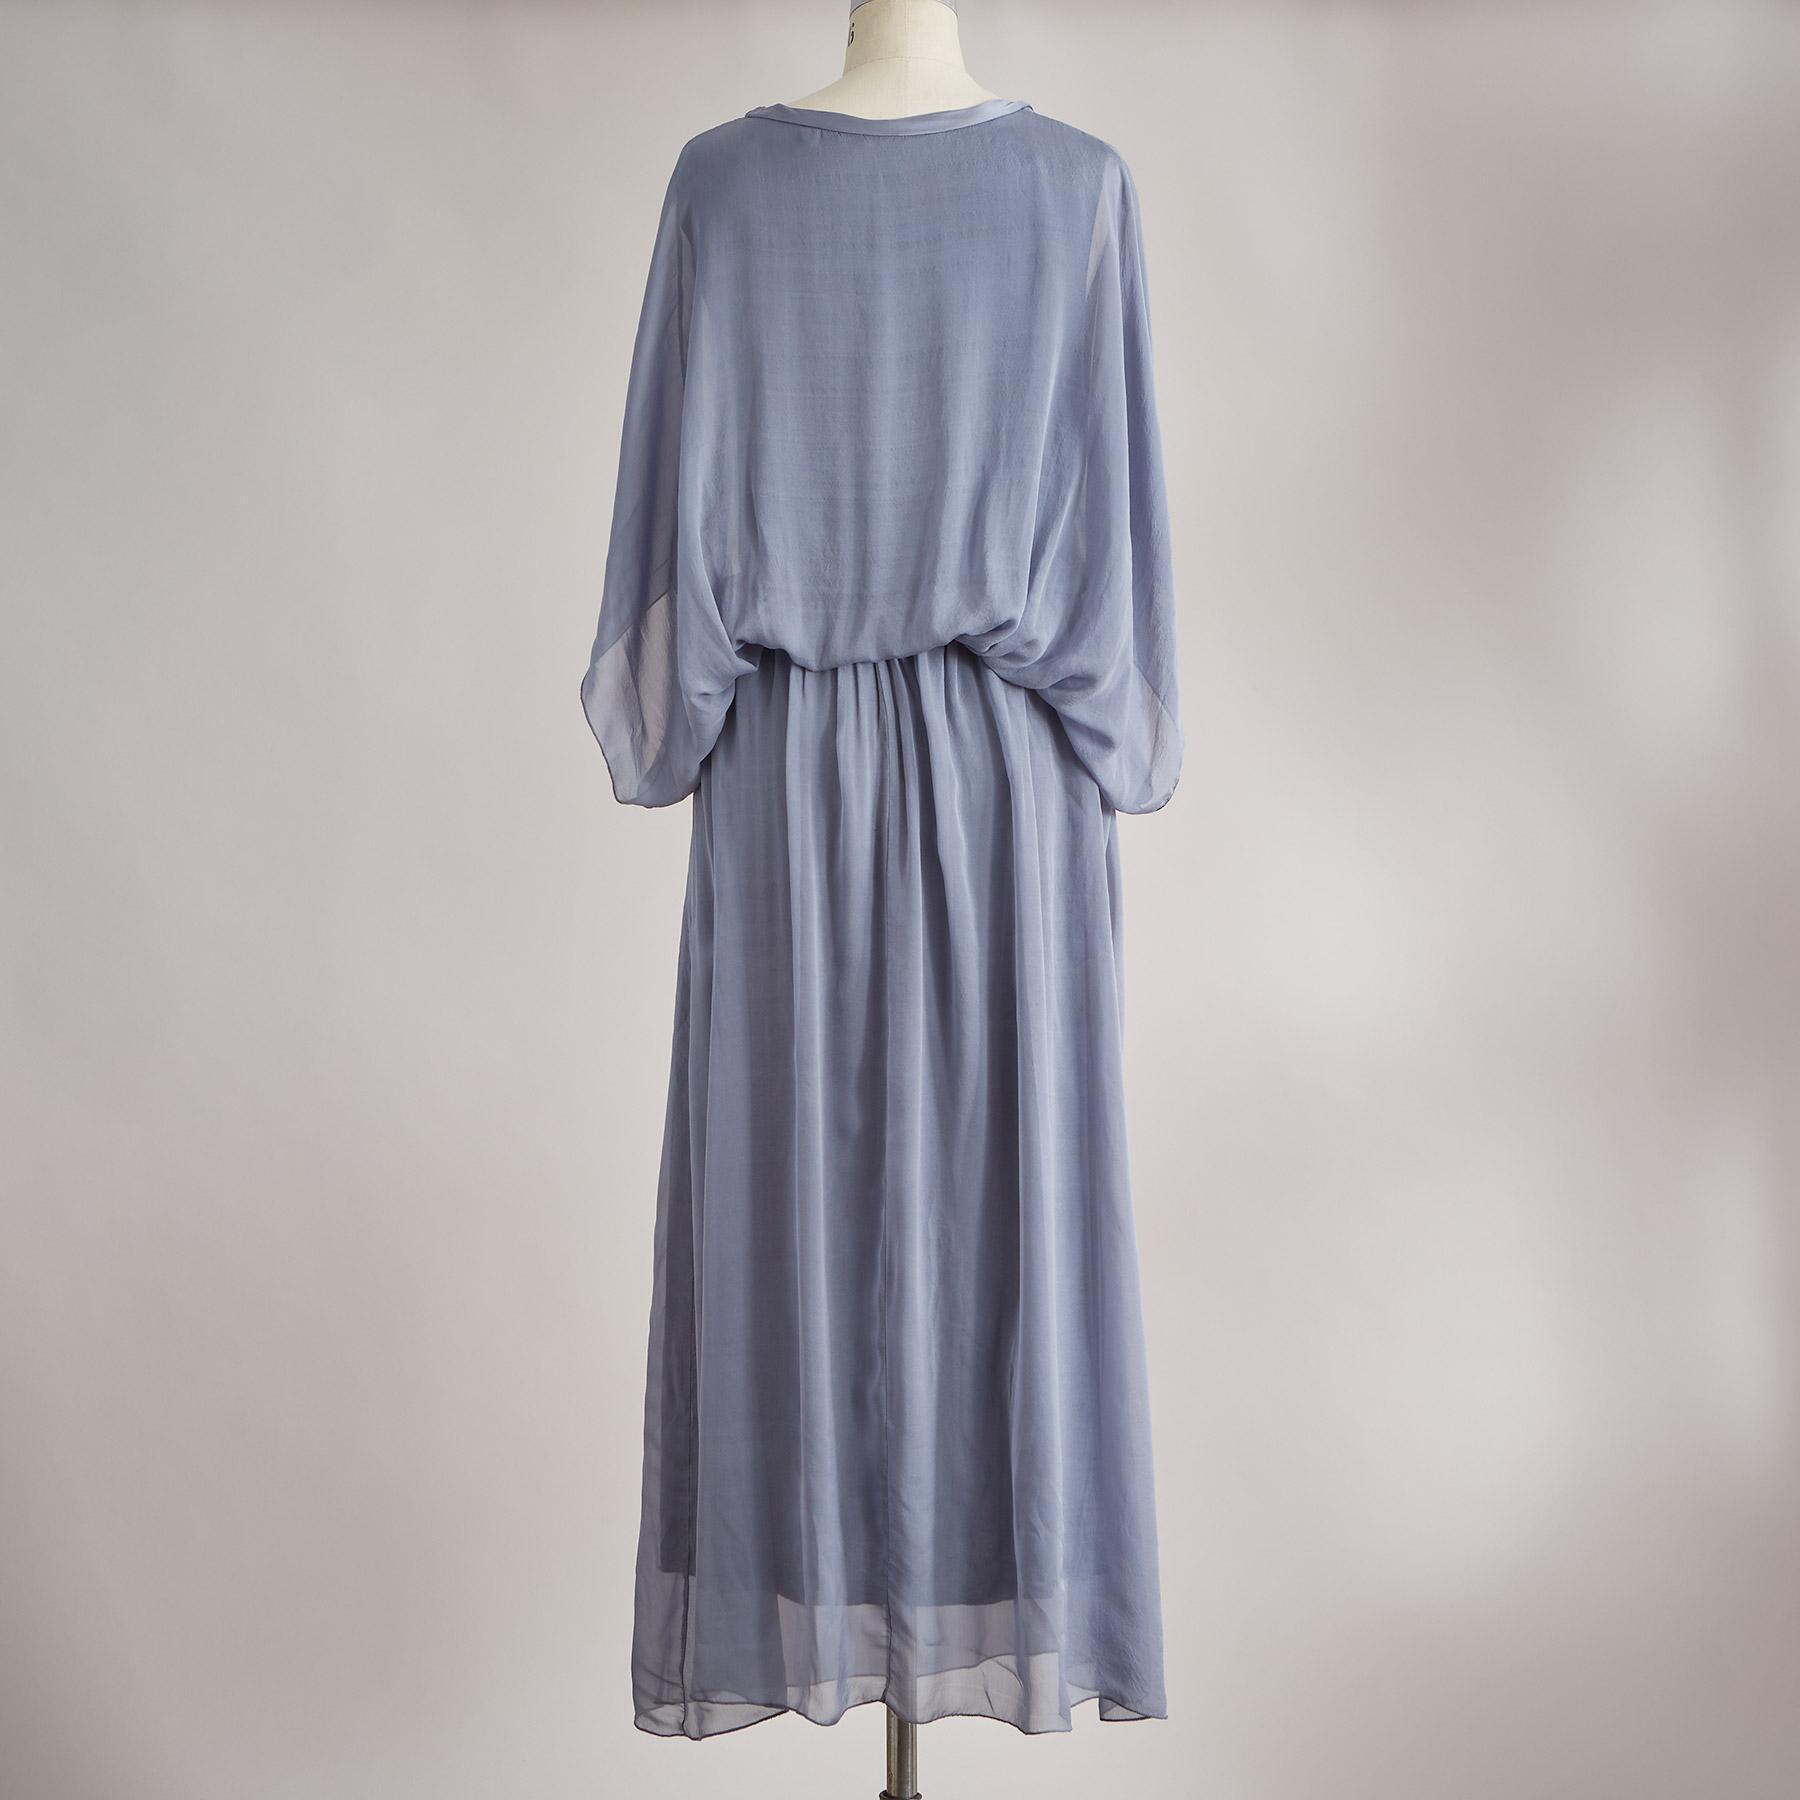 KALAHARI MAXI DRESS: View 2